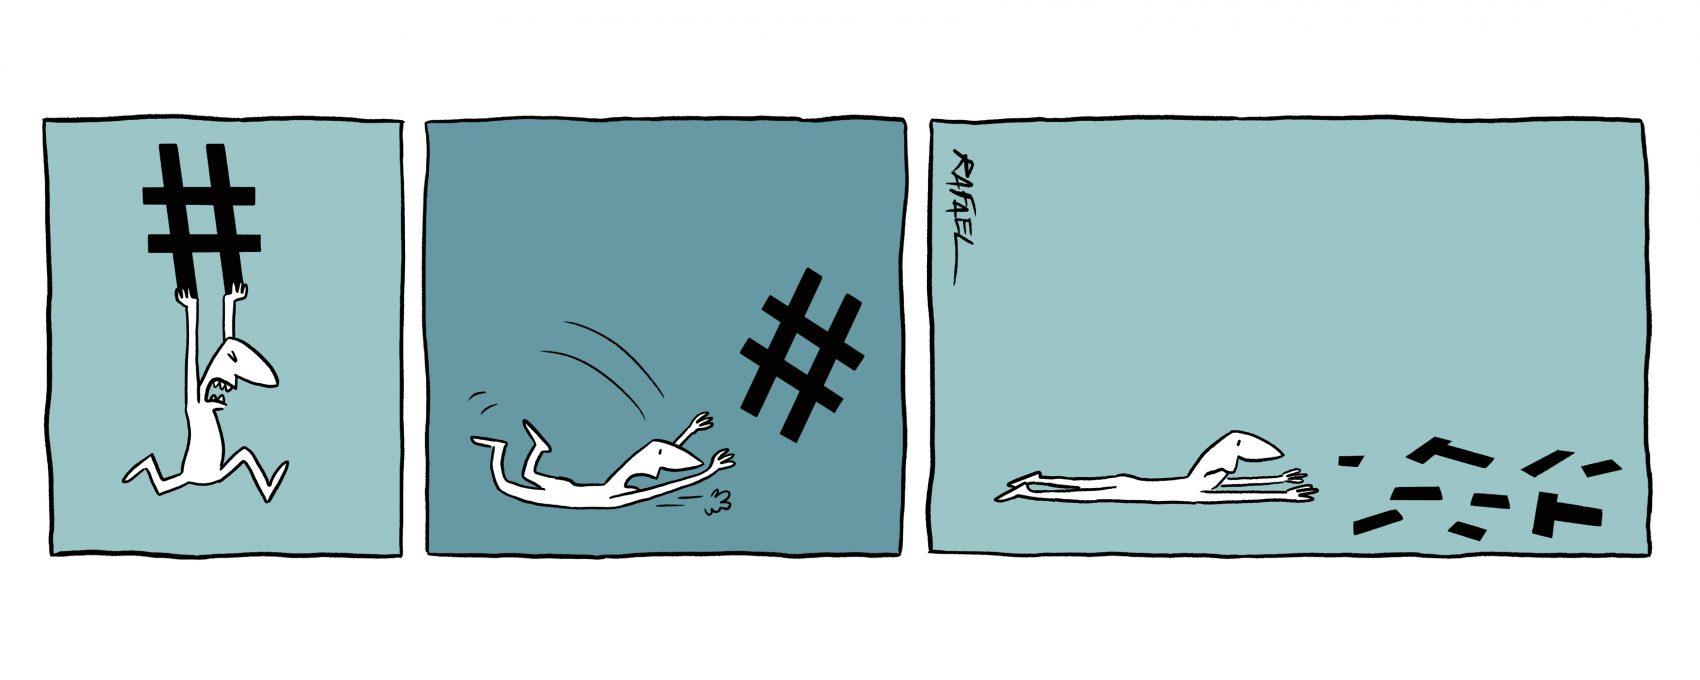 Hashtag | Rato Falho | Rafael Corrêa | Rafael Corrêa